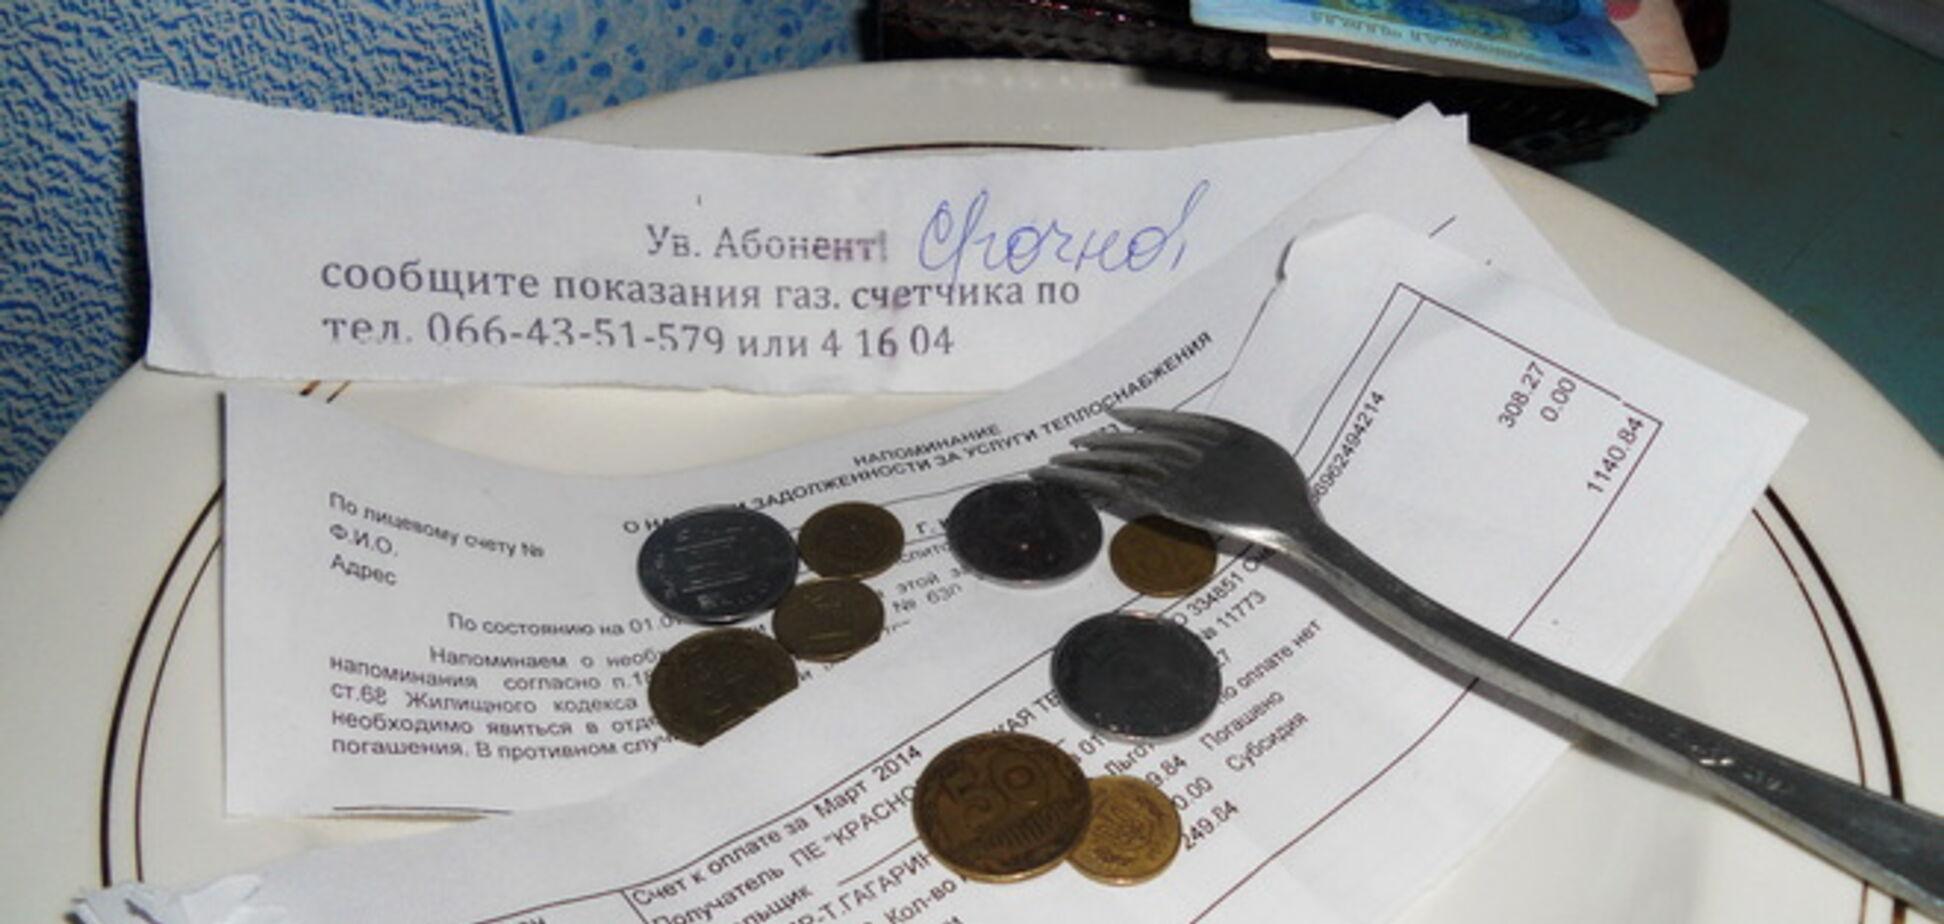 Жилищные субсидии и компенсации на оплату ЖКХ в Украине: кому положены и сколько